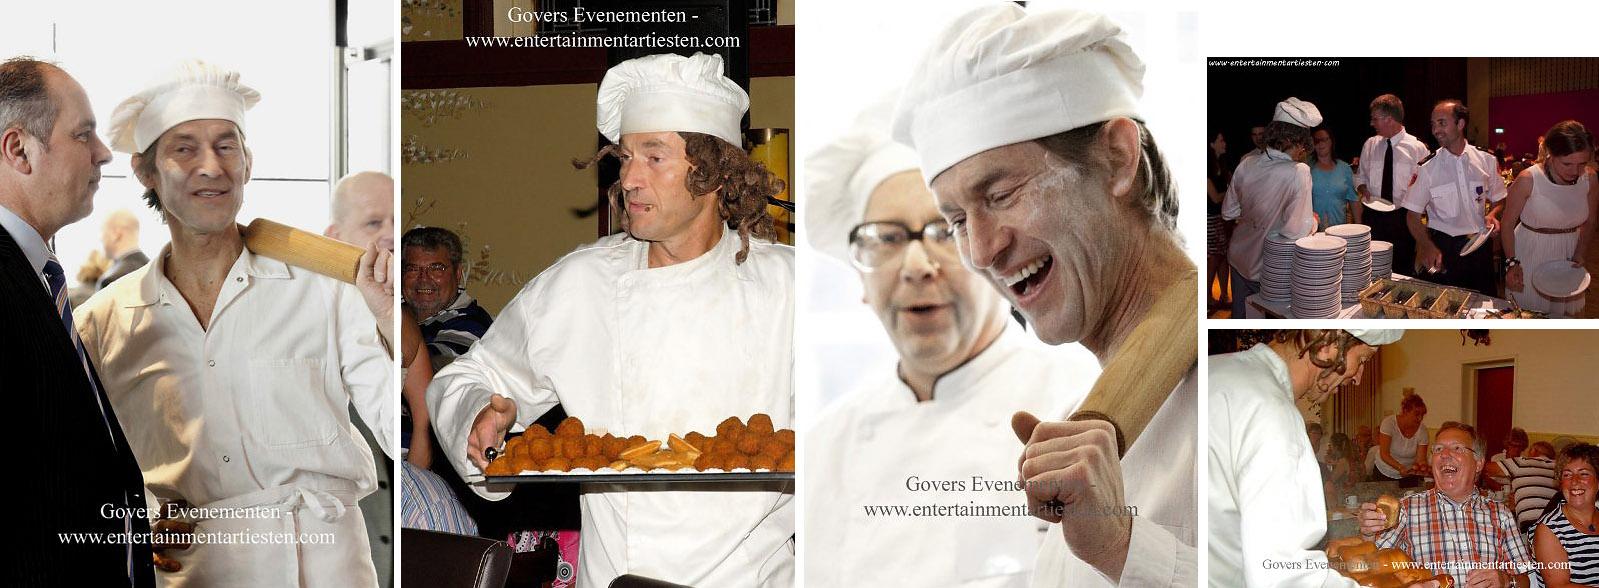 De Smoezelige kok, amusant Culinair Entertainment tijdens feestelijke bijeenkomst als Cateringact, acteur inhuren, Govers Evenementen, www.goversartiesten.nl